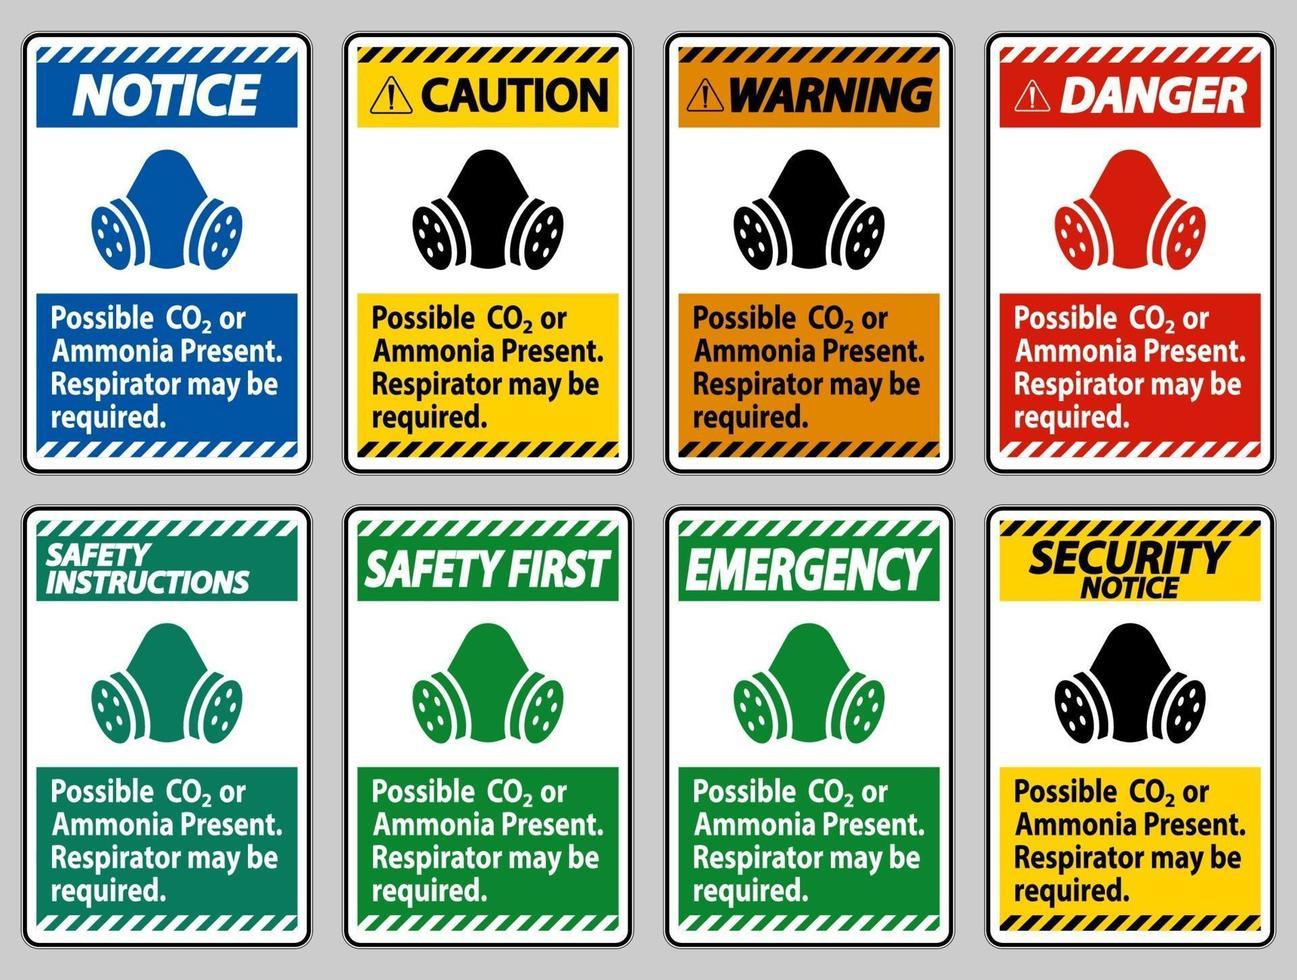 ppe-tecken möjlig co2 eller ammoniak närvarande, kan andningsskydd behövas vektor